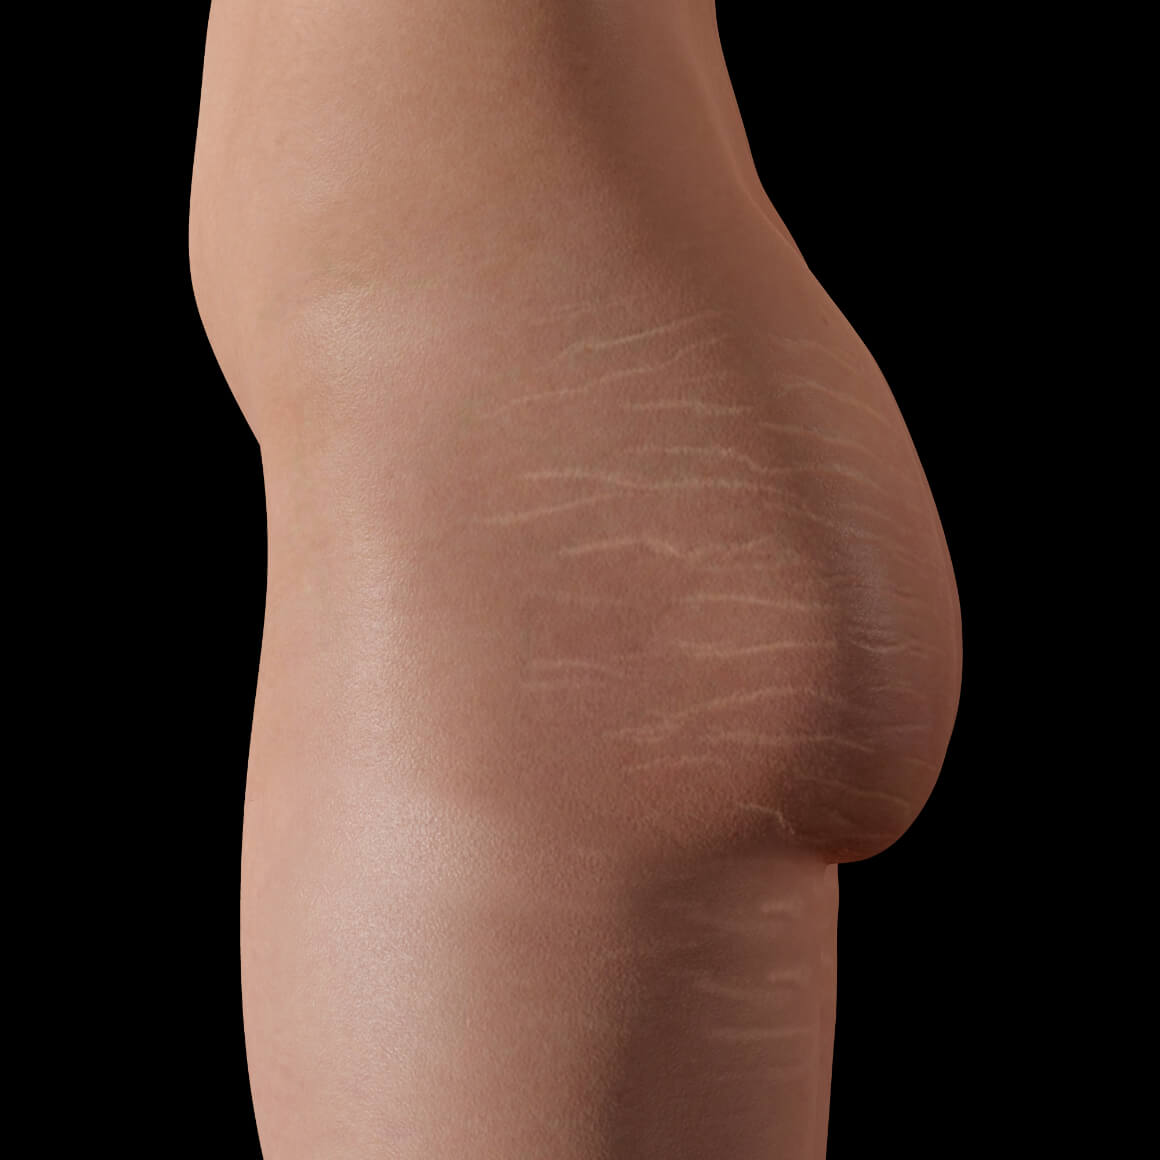 Une patiente de la Clinique Chloé positionnée de côté montrant des vergetures sur les fesses et les cuisses